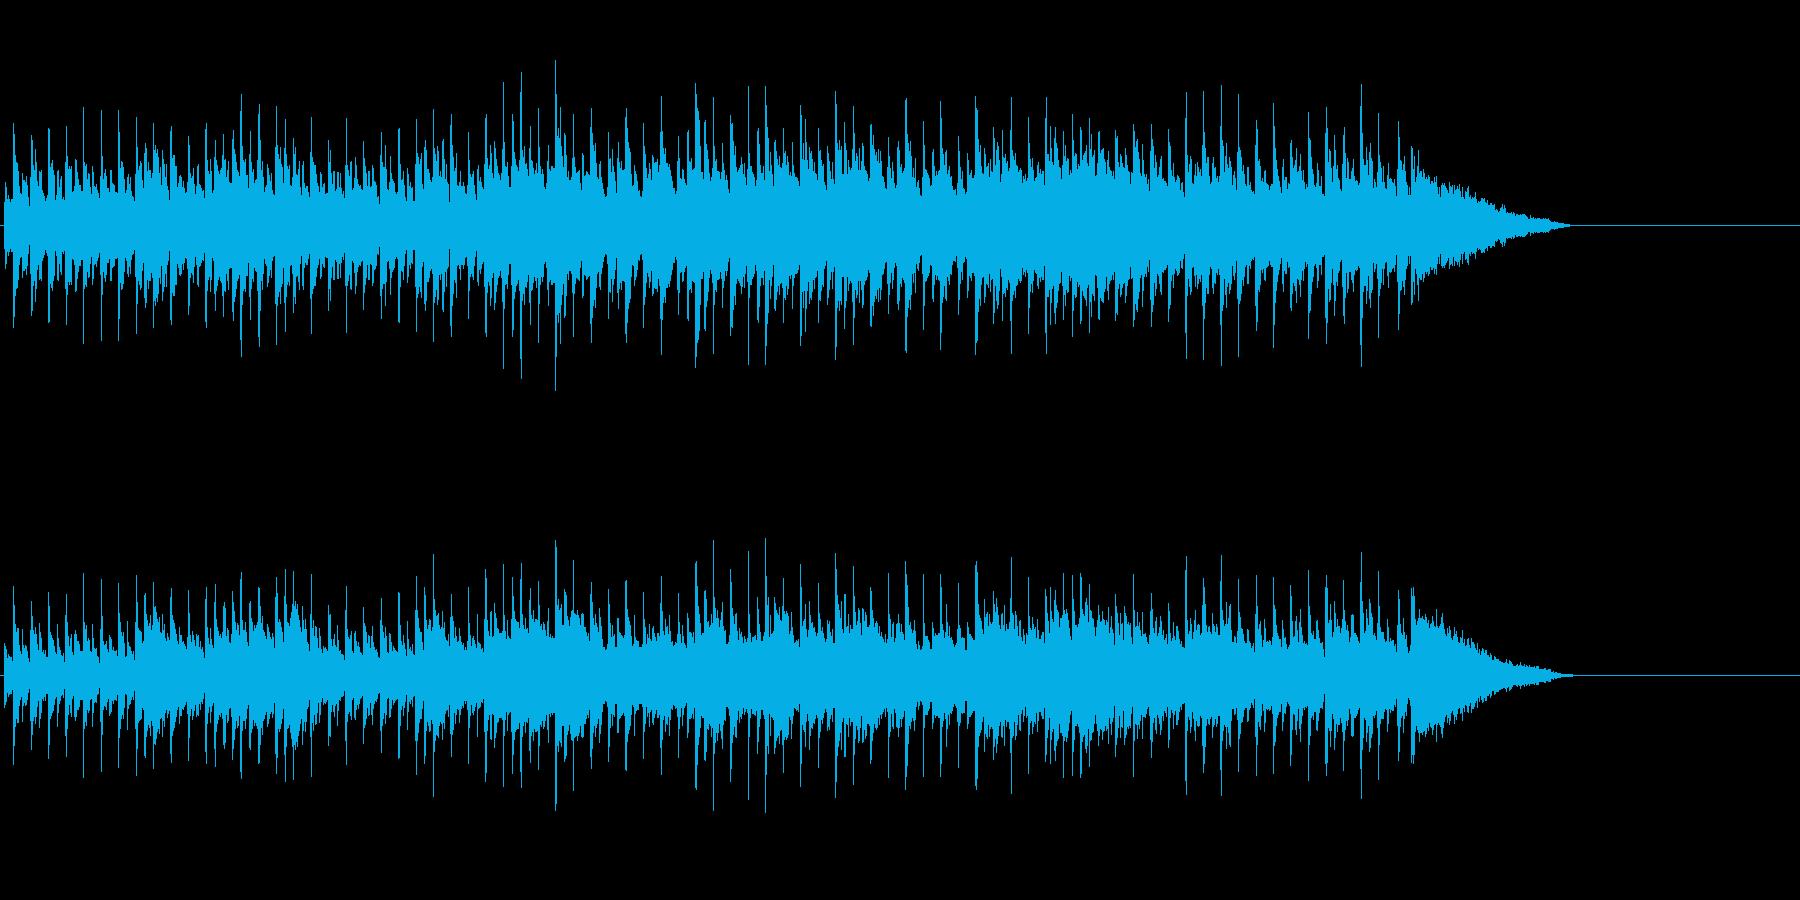 マカロニ・ウェスタン合体サウンドの再生済みの波形